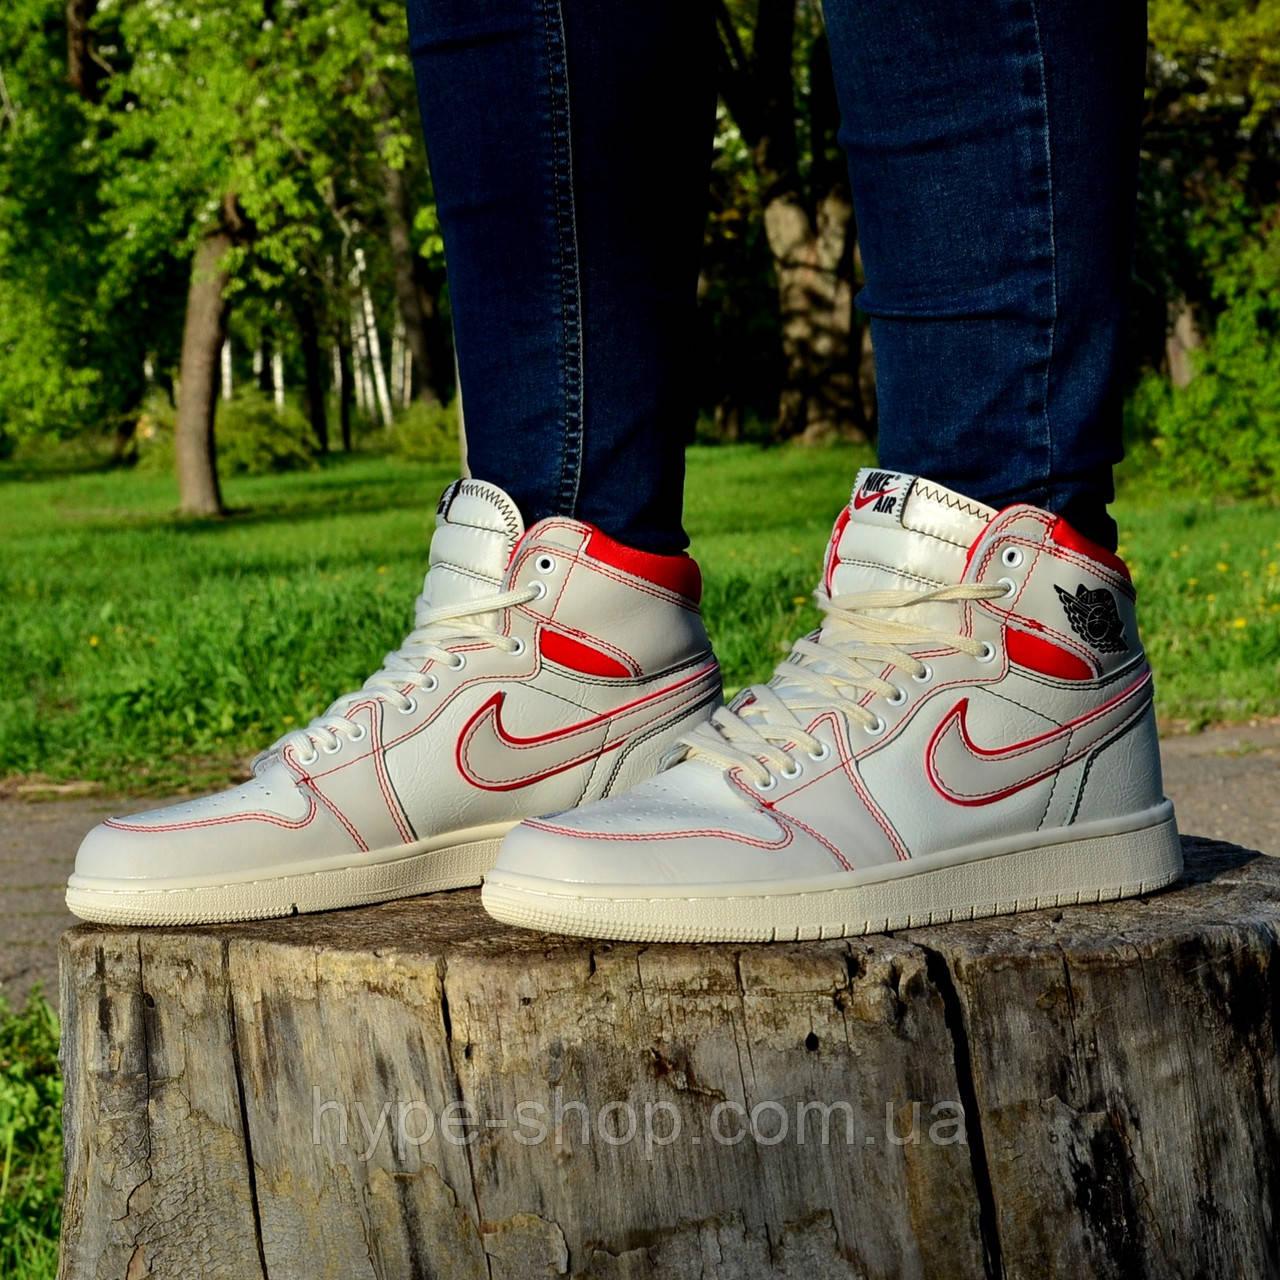 Чоловічі кросівки Nike Air Jordan 1 Retro High OG White/Red